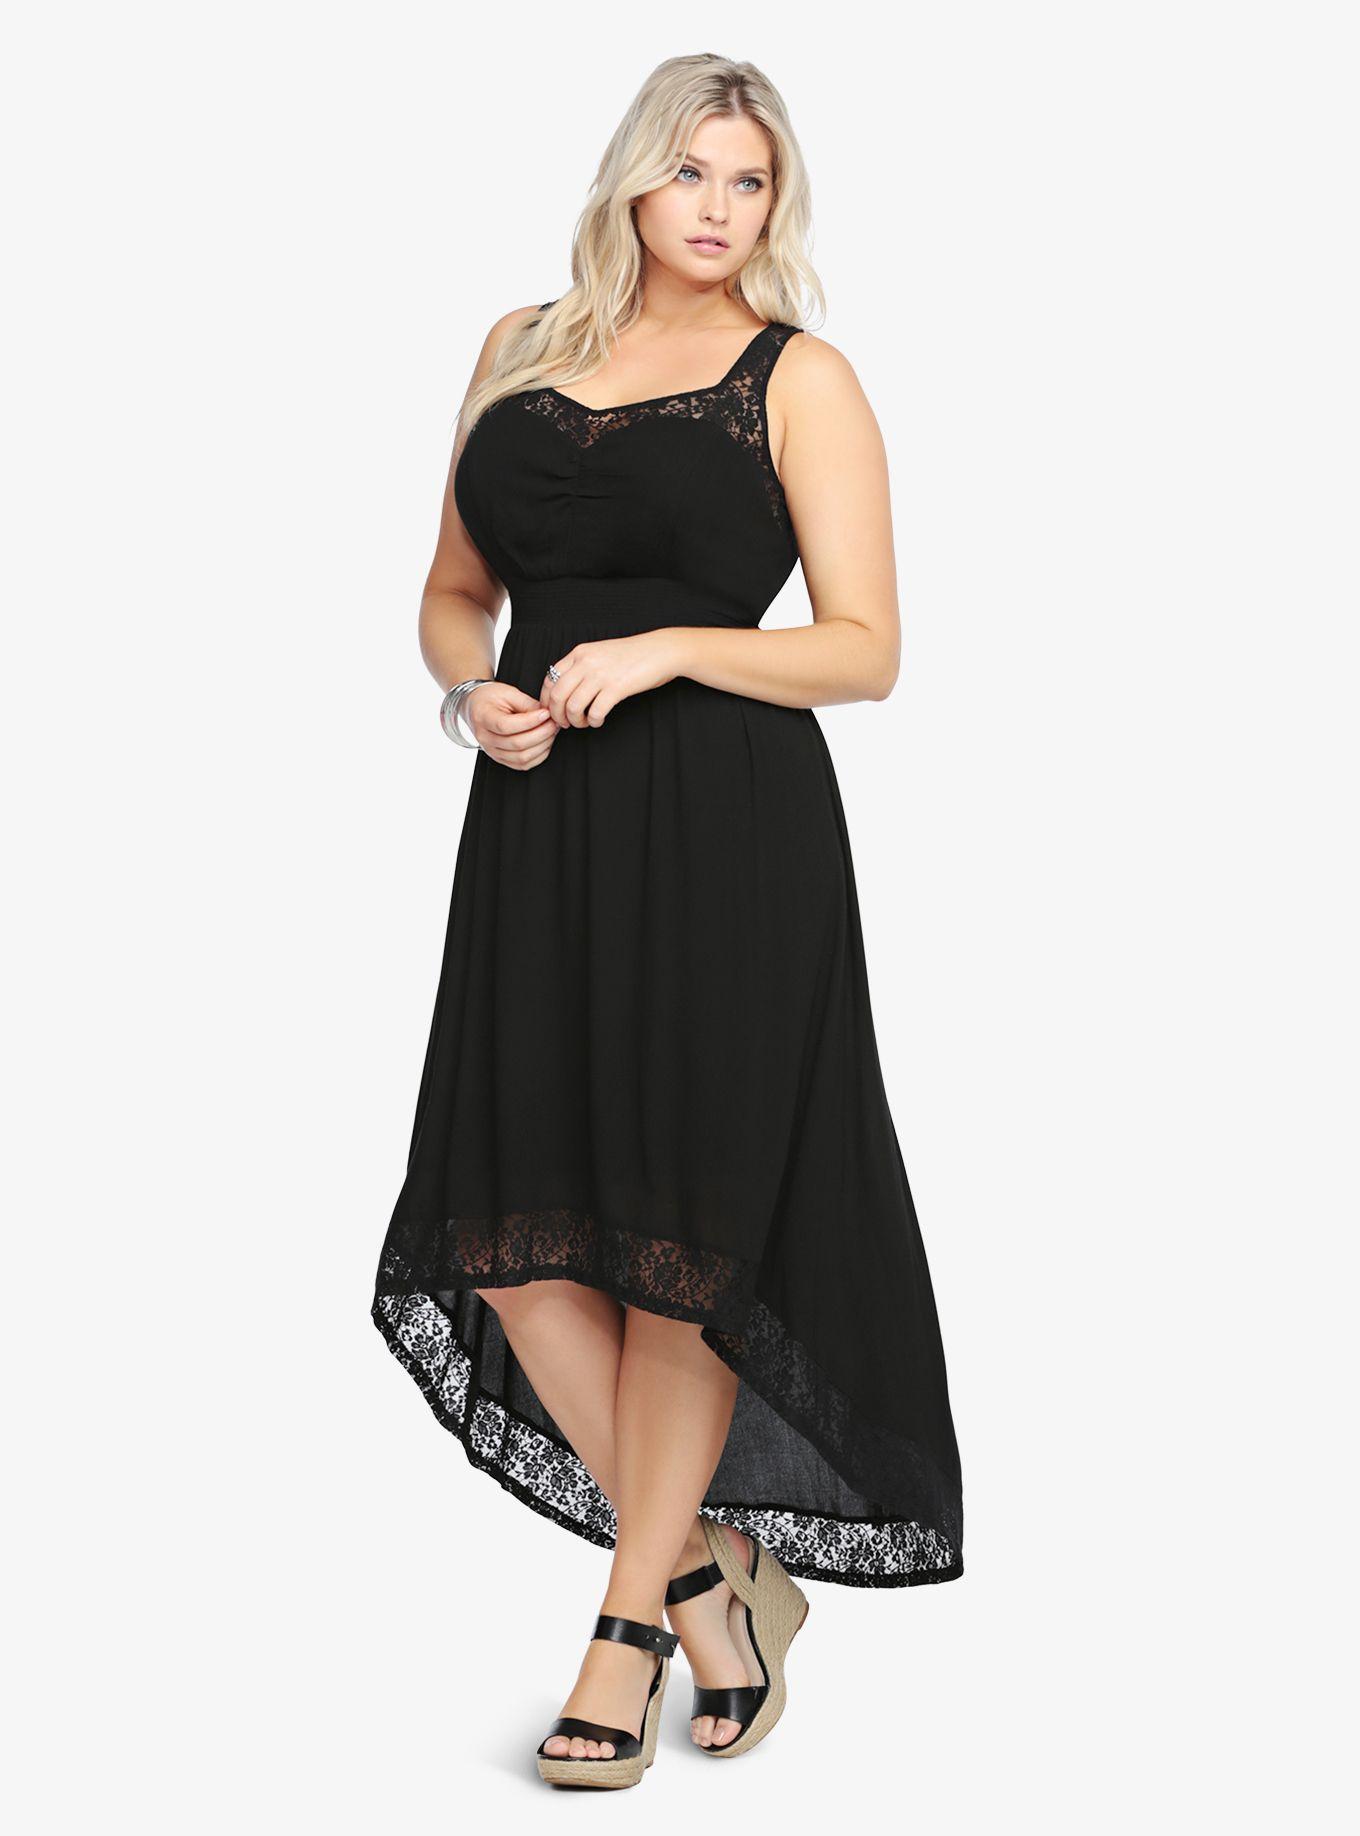 Dress size 24 torrid dress 24 torrid black and white draped v neck - Lace Inset Hi Lo Maxi Dress Torrid